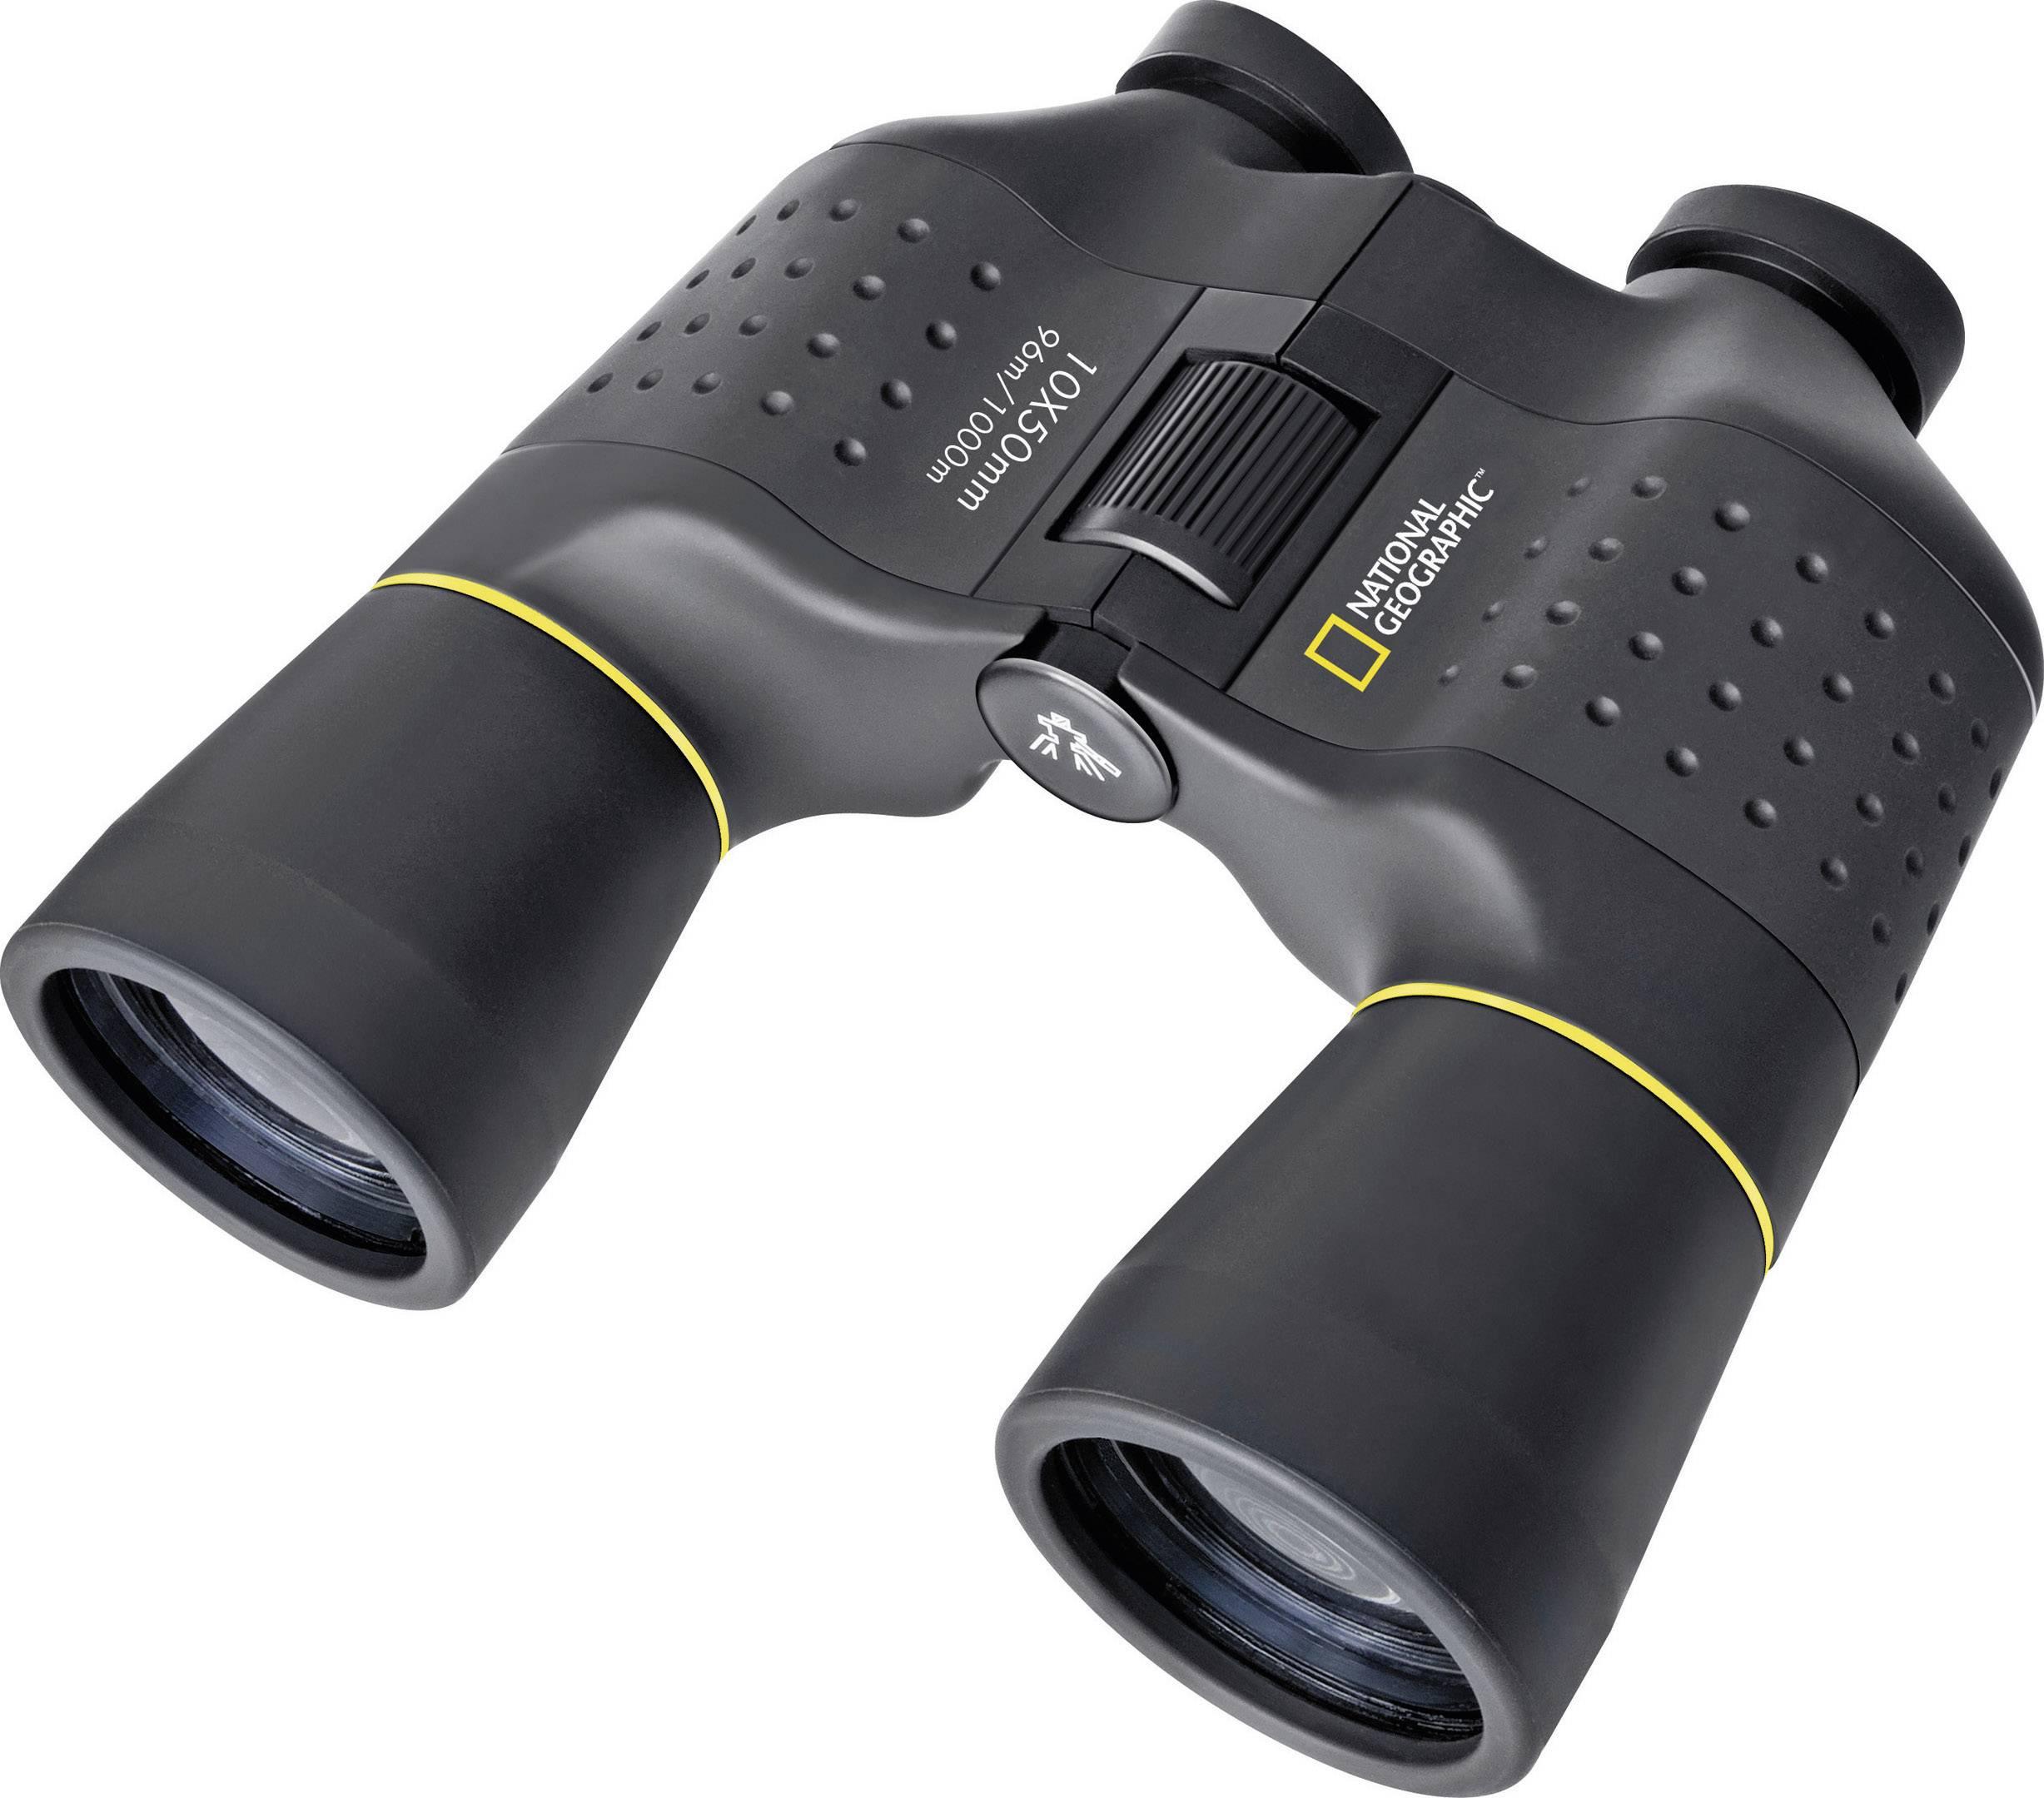 Porro-prizmatický dalekohled National Geographic Porro, 10 x 50 mm, černá